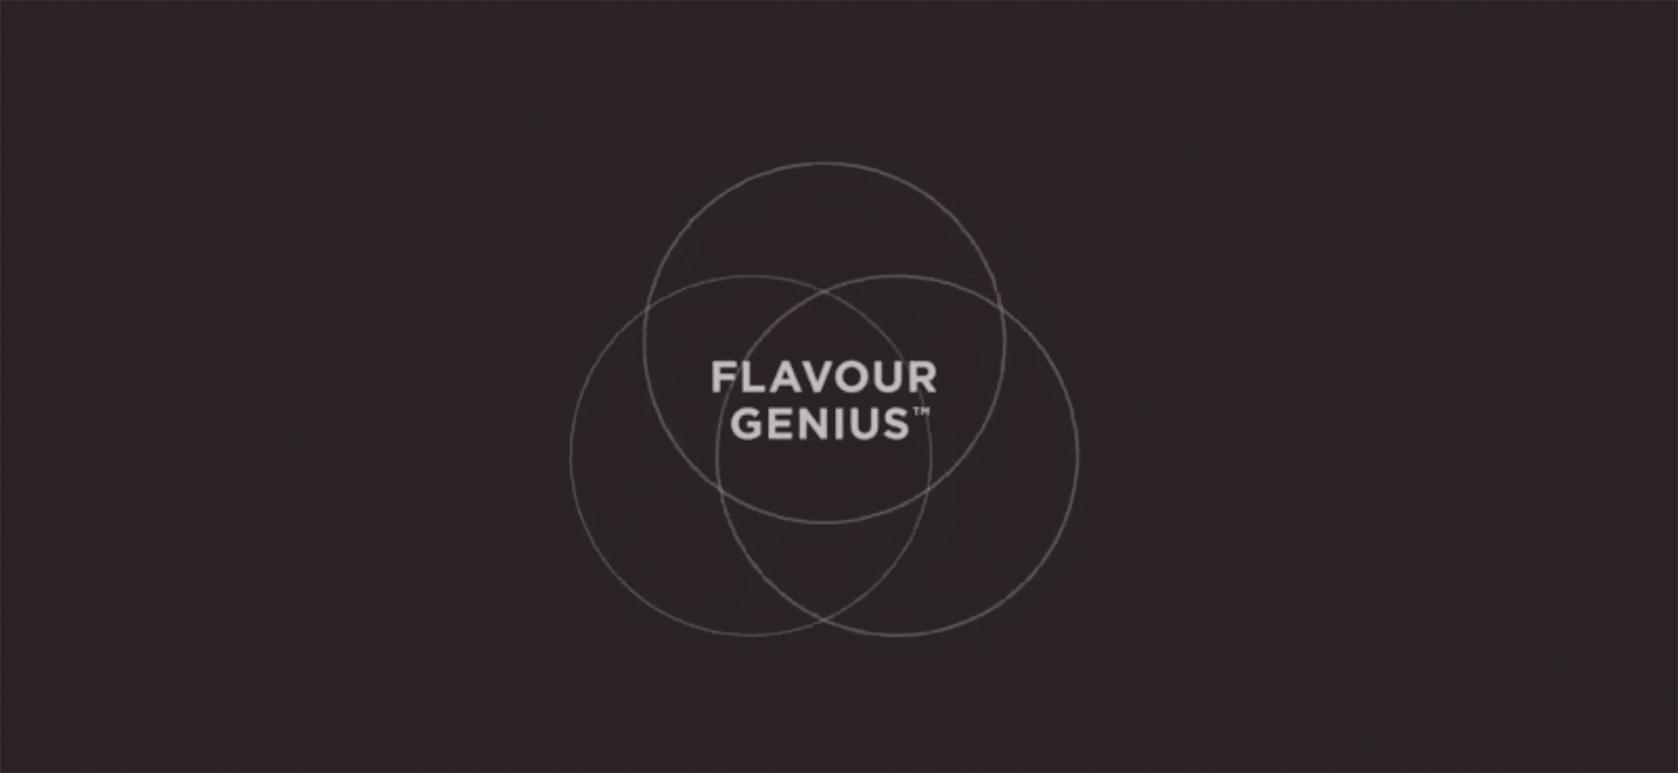 img_flavour-genius